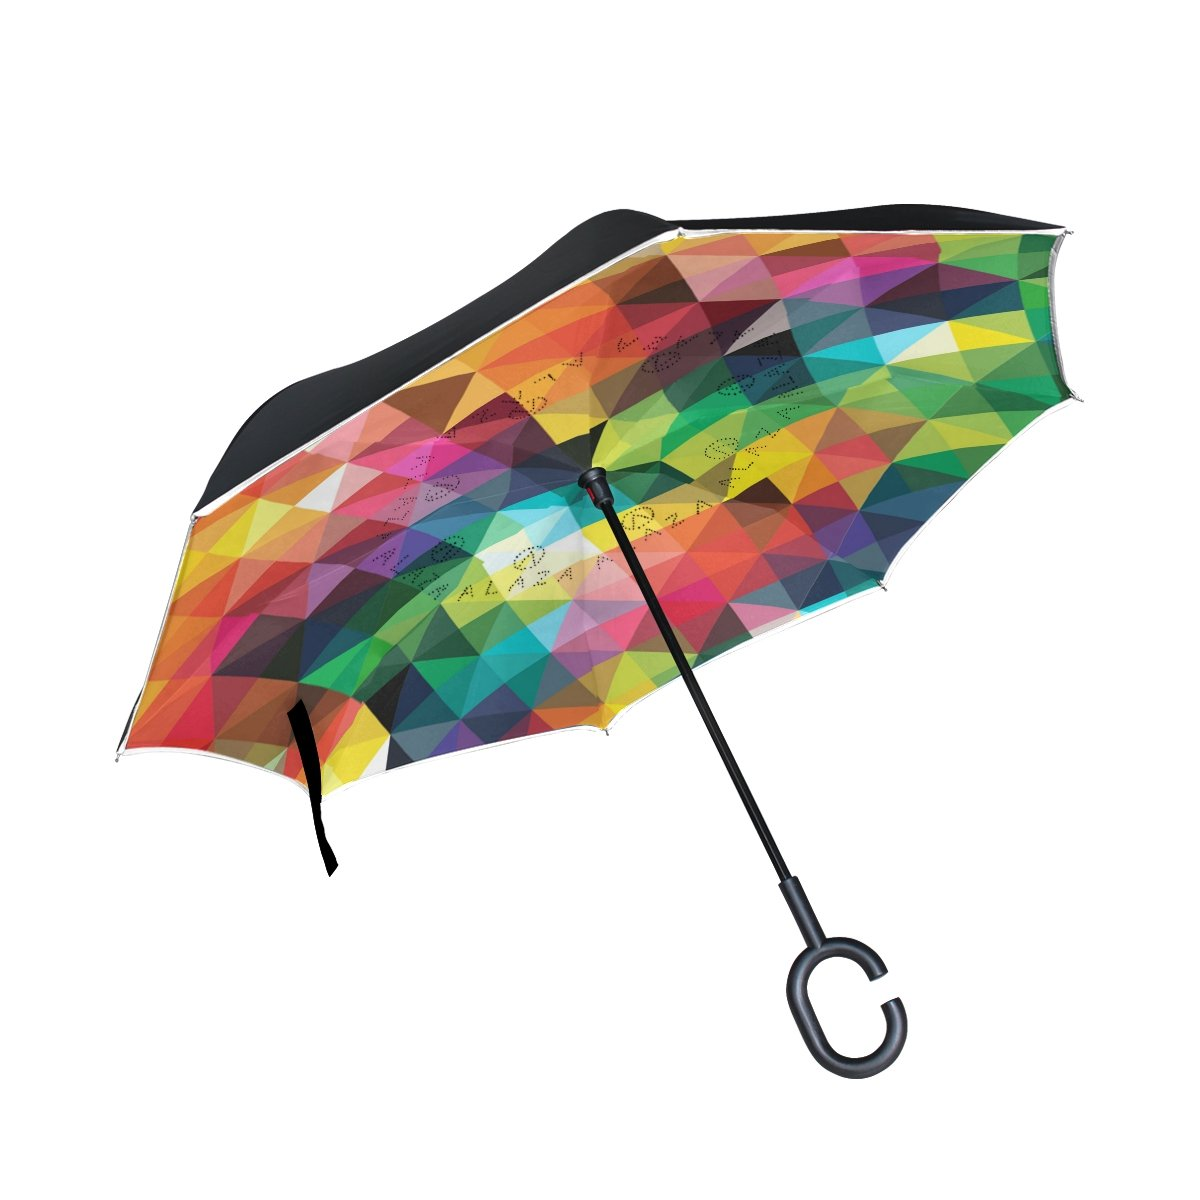 TIZORAX Triangles inversés double couche droites parapluies sur l'envers réversible Parapluie avec poignée en forme de C pour la pluie Soleil de voiture Utilisation